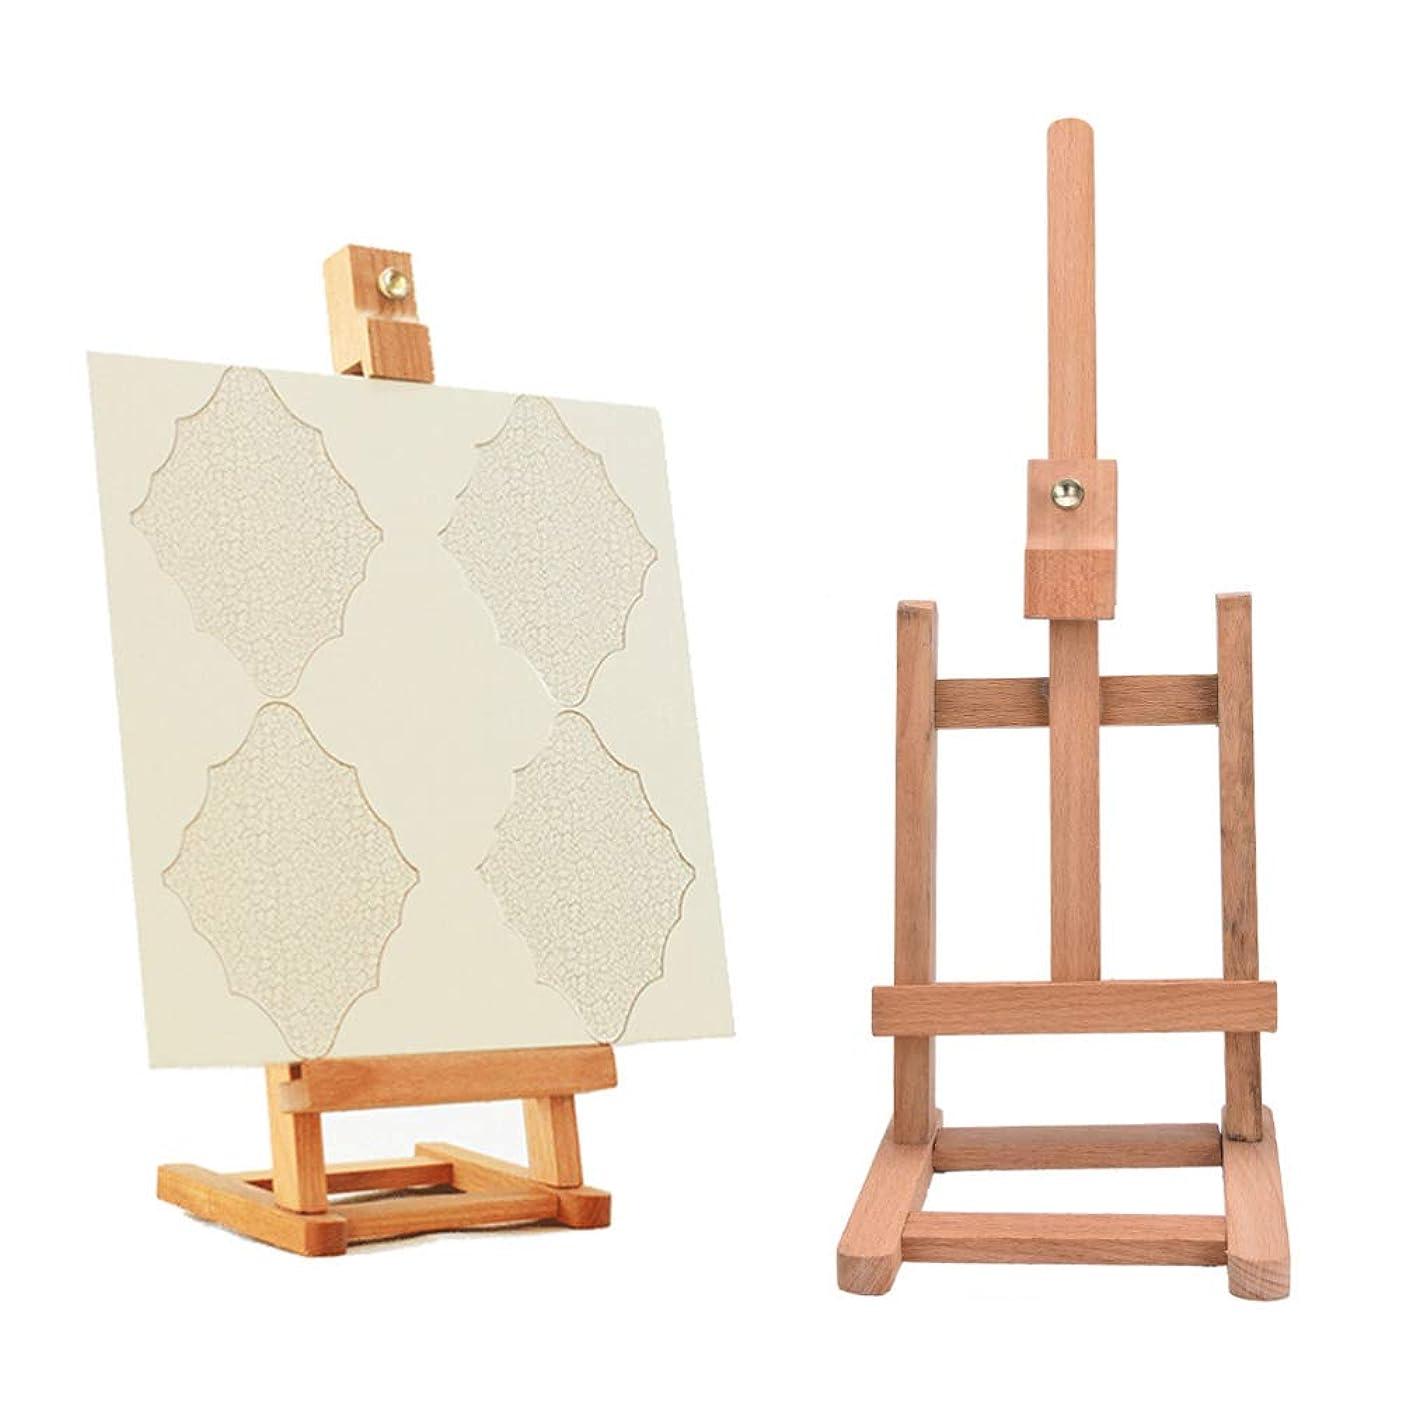 細菌レトルト複製するWANGSENO スケッチイーゼル絵画折りたたみ式絵画イーゼルアーティストのための木製の木製スケッチフレームを表示